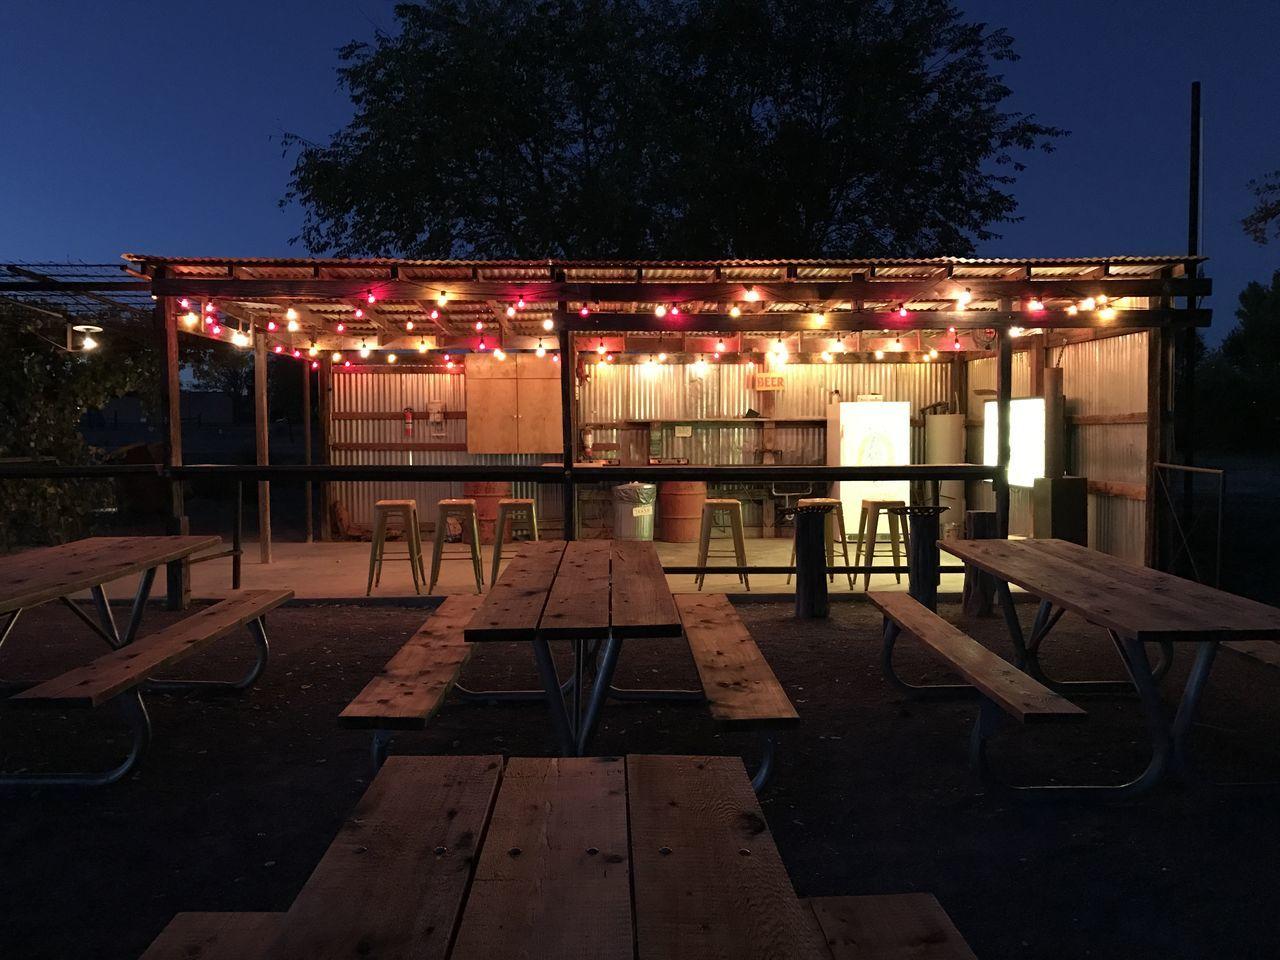 Camping Kitchen Lights Marfa Marfa Texas Night Scene Outdoor Kitchen Outdoors